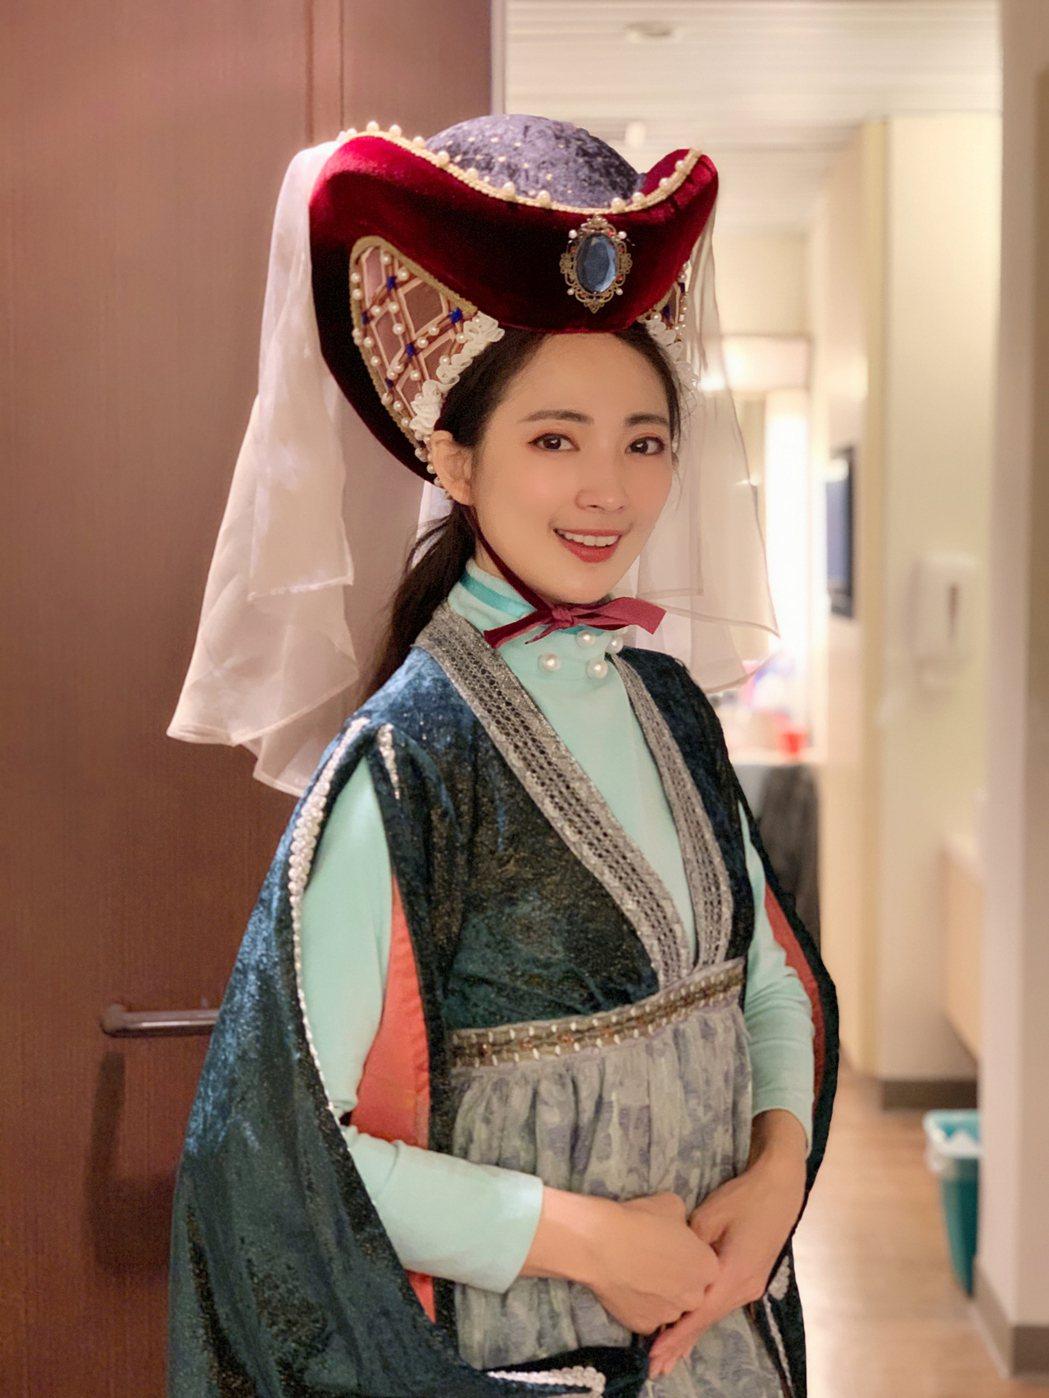 阿喜演出舞台劇「莎姆雷特」。圖/天晴娛樂提供